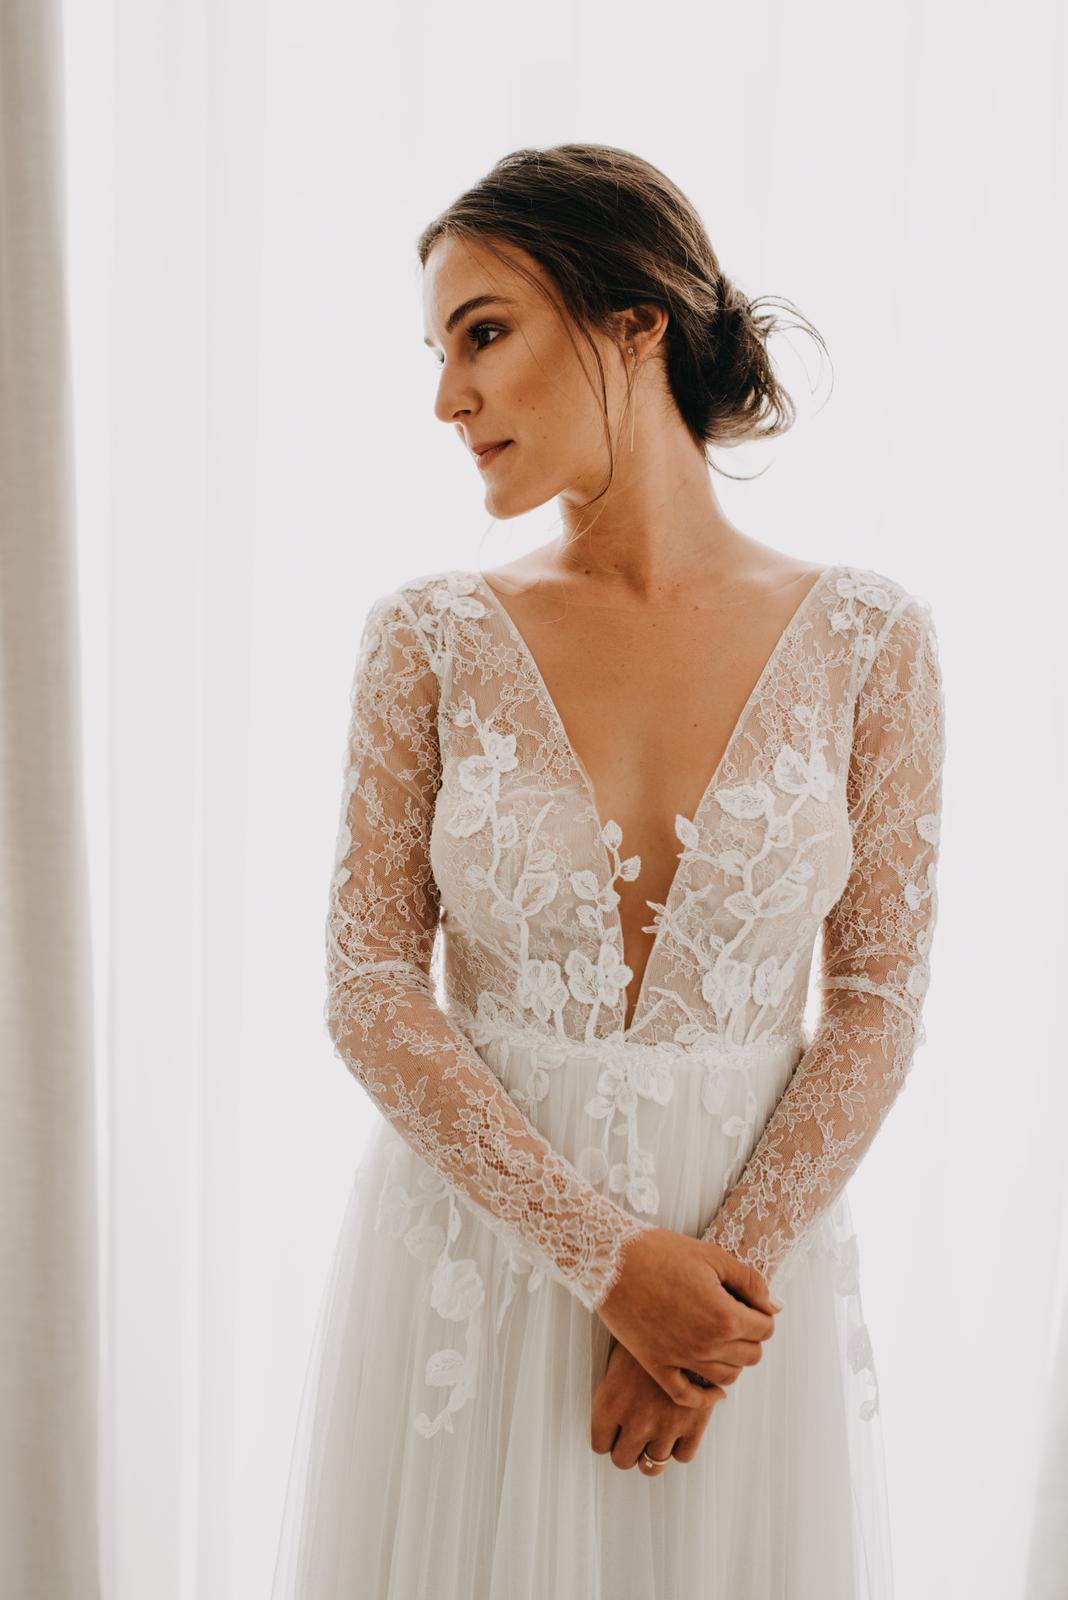 Anna Kara svadobne saty model Jude kolekcia 2020 - Obrázok č. 1